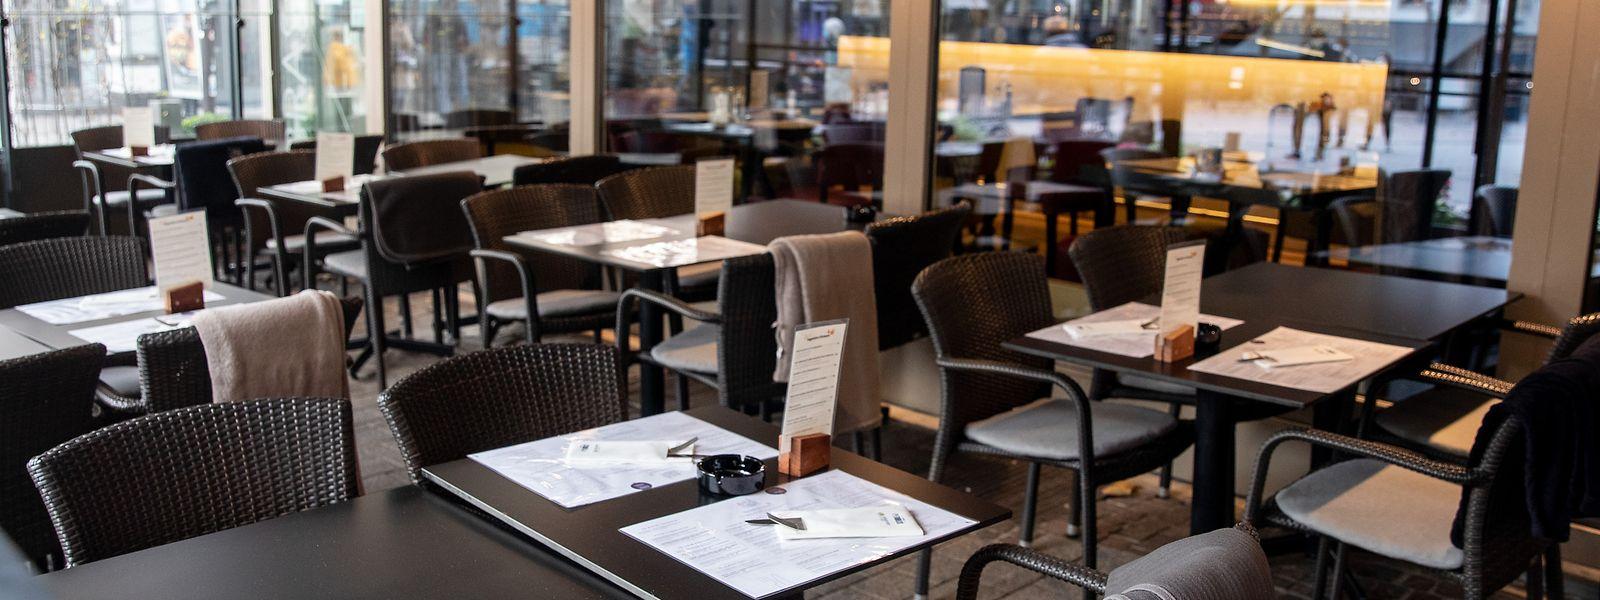 Gemütliche Abende in der Kneipe oder im Restaurant gehören vorerst wieder der Vergangenheit an.